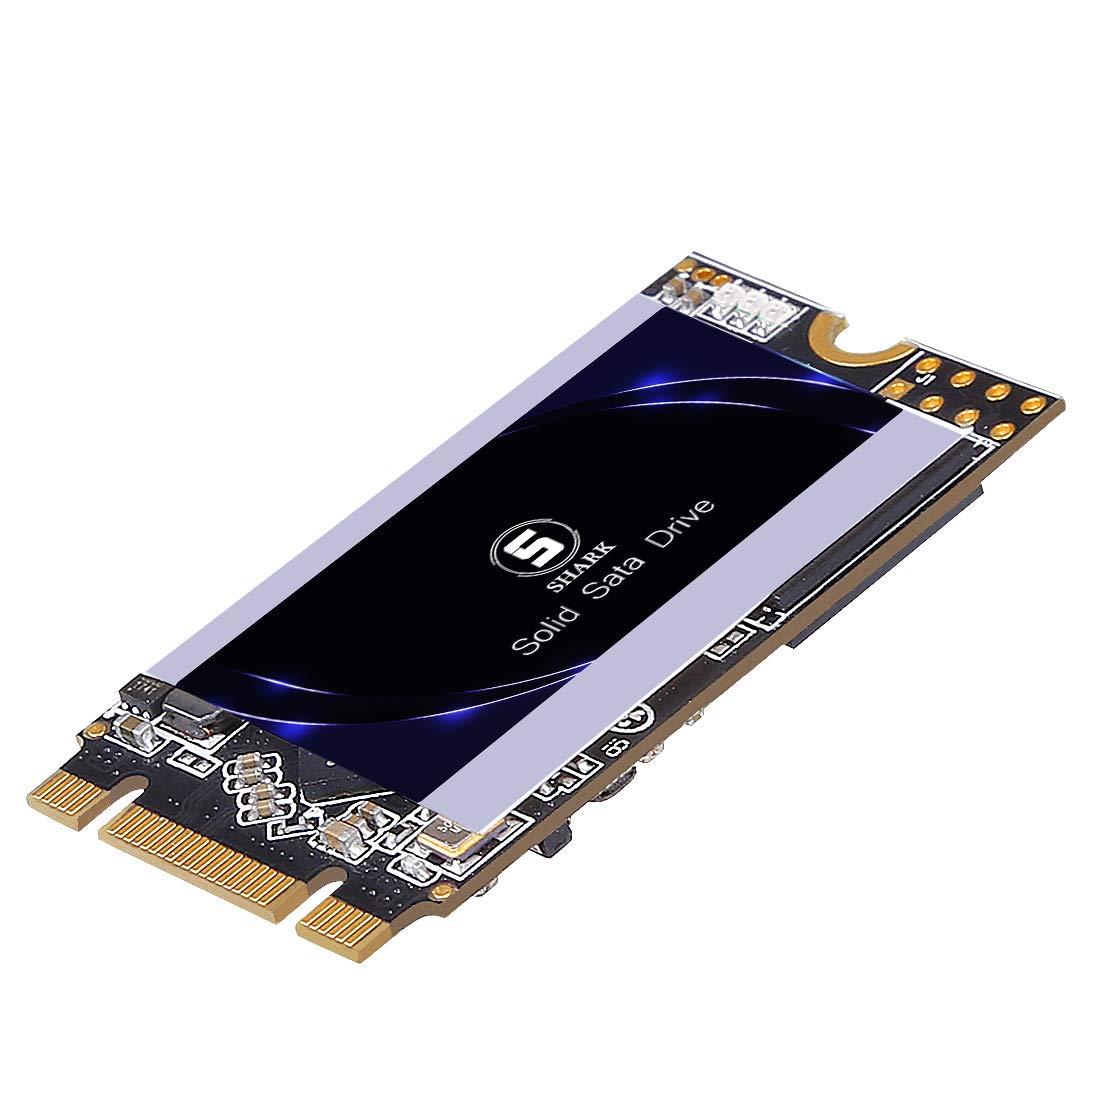 240GB SSD M.2 2242 SHARK